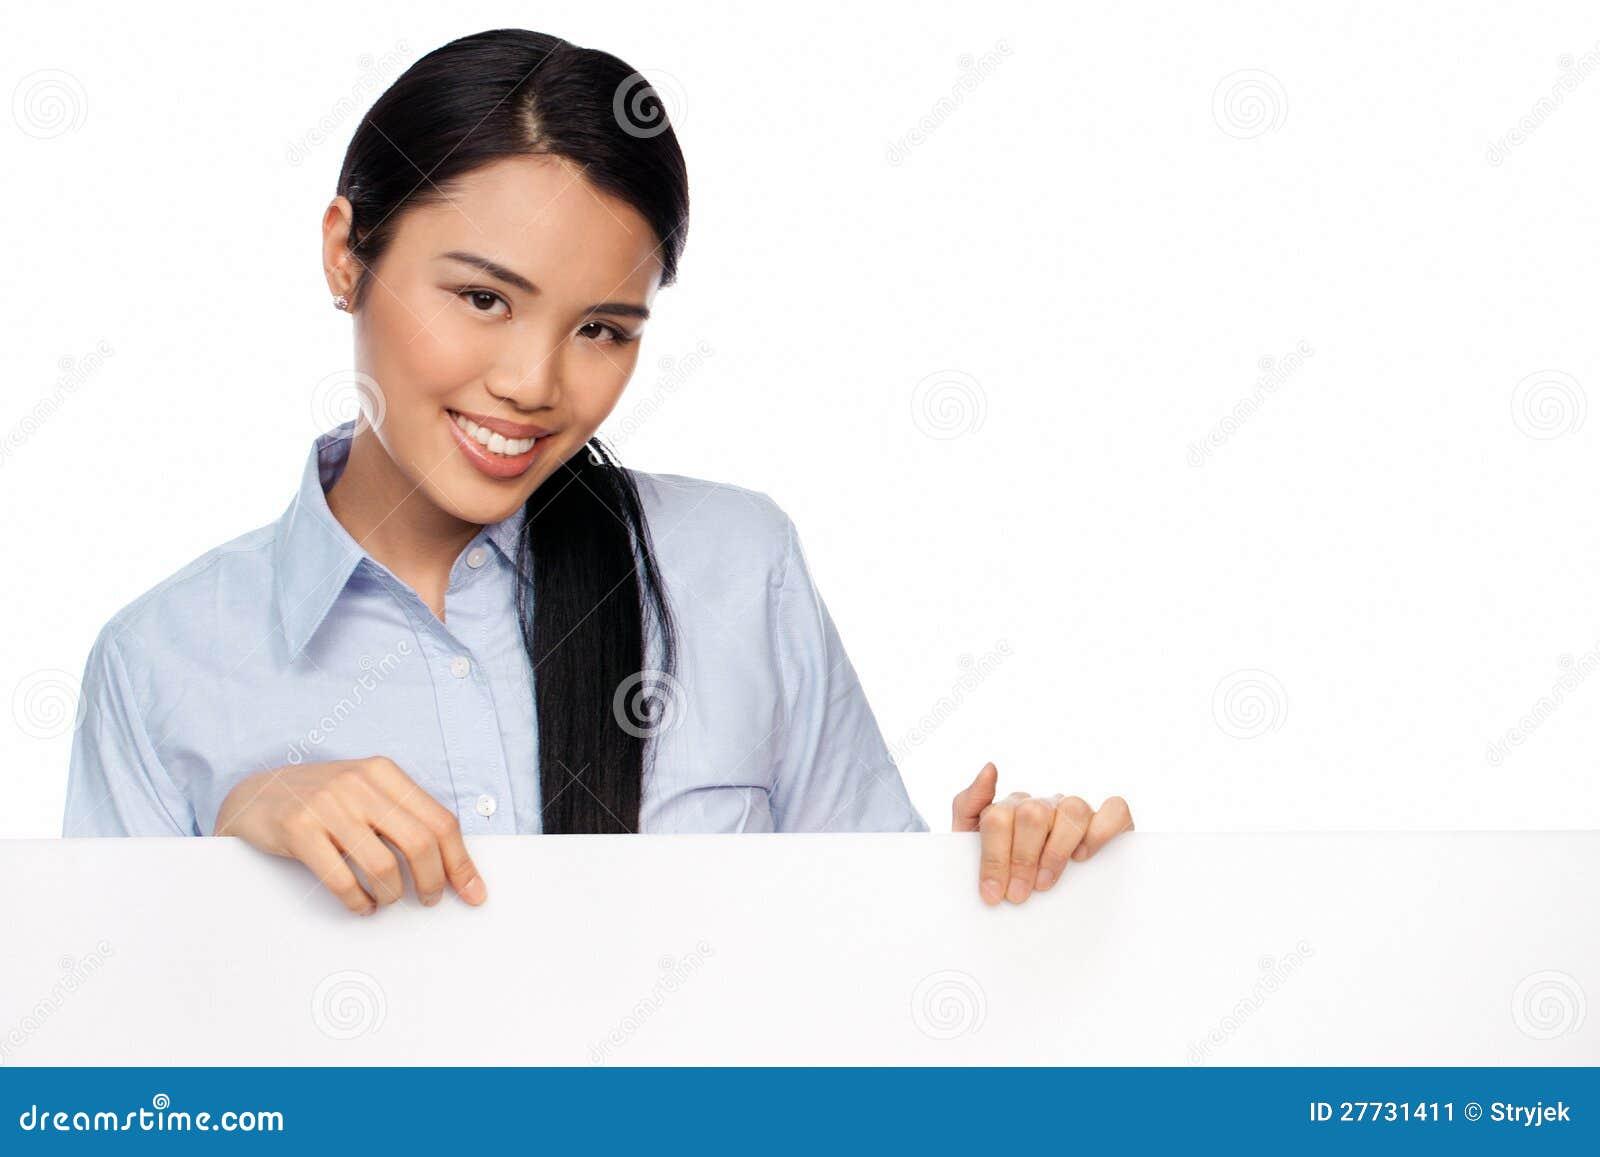 Junge asiatische Dame mit einem unbelegten Zeichen